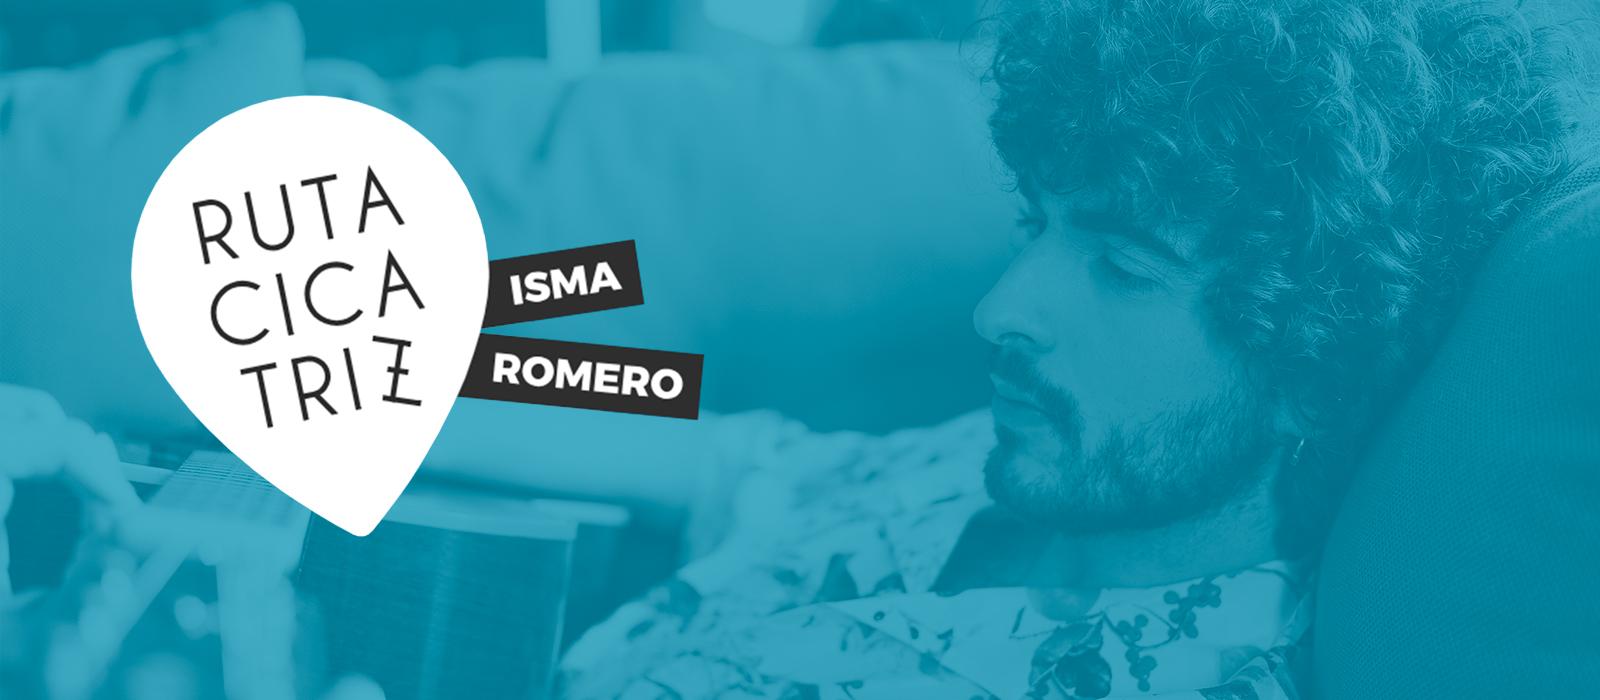 Isma Romero crea una ruta interactiva por Madrid para descubrir su nuevo single #RutaCicatriz